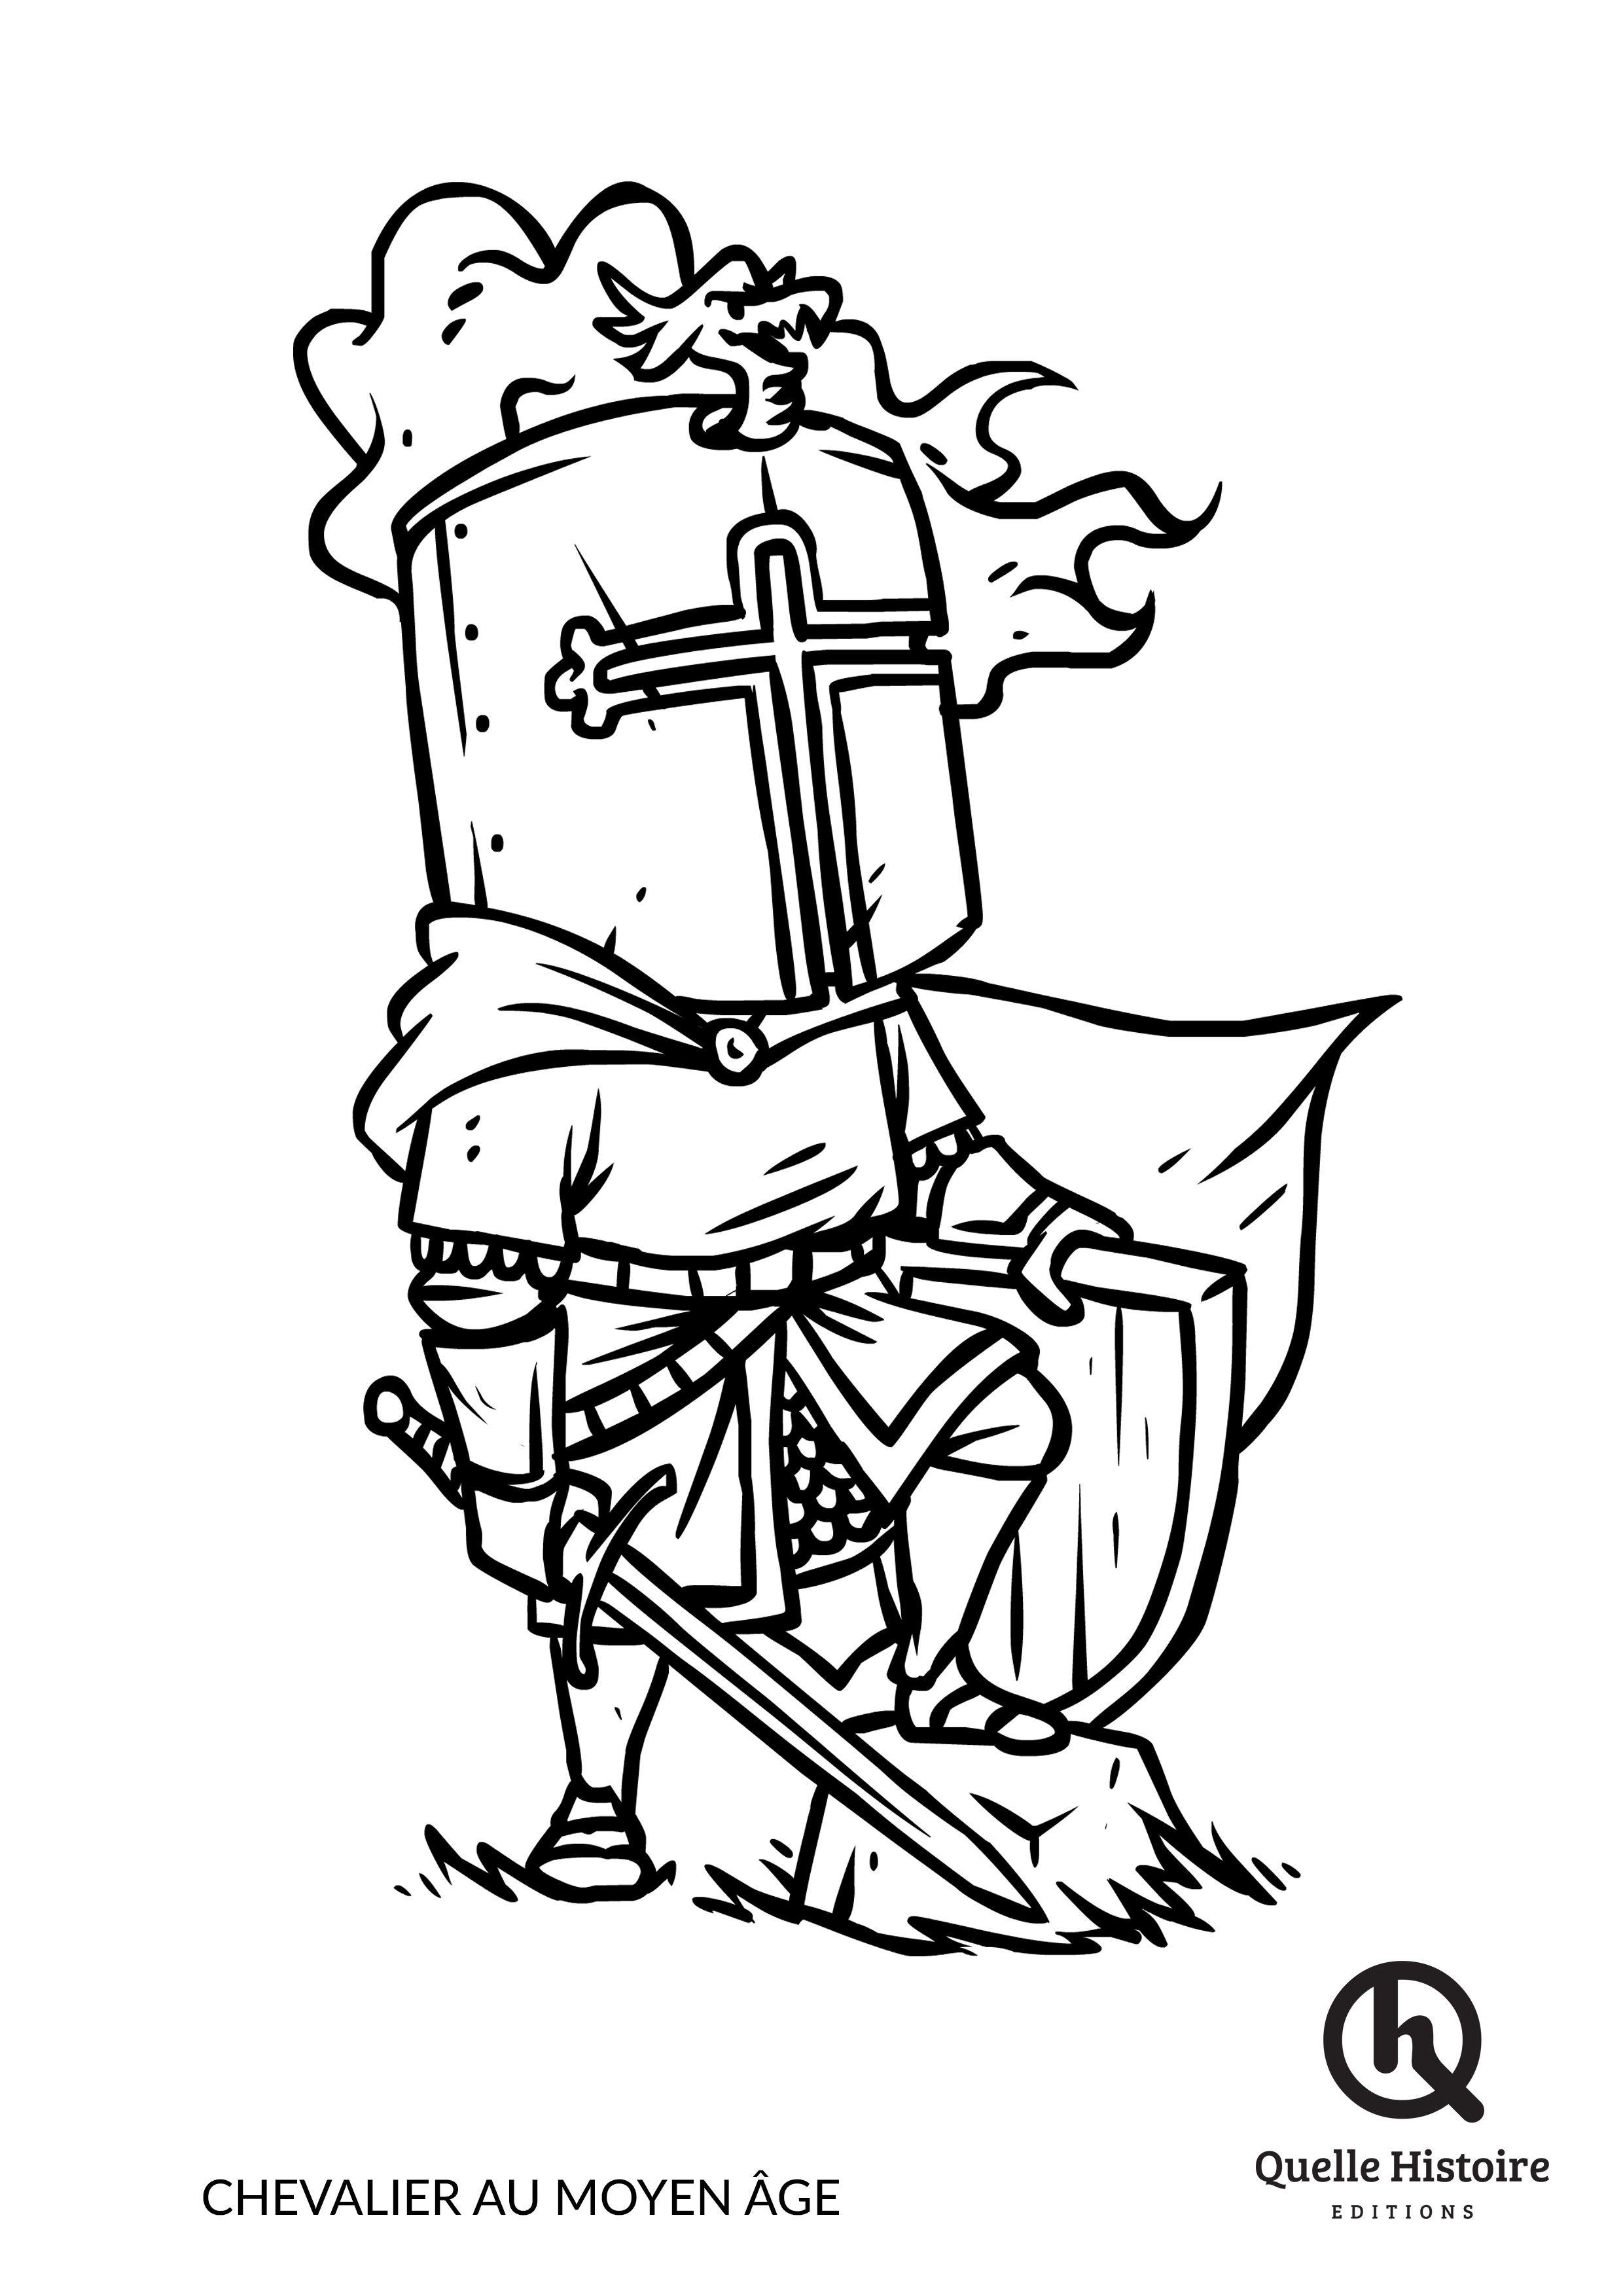 Chevalier Au Moyen Âge - Coloriage - Quelle Histoire pour Dessin Sur L Histoire